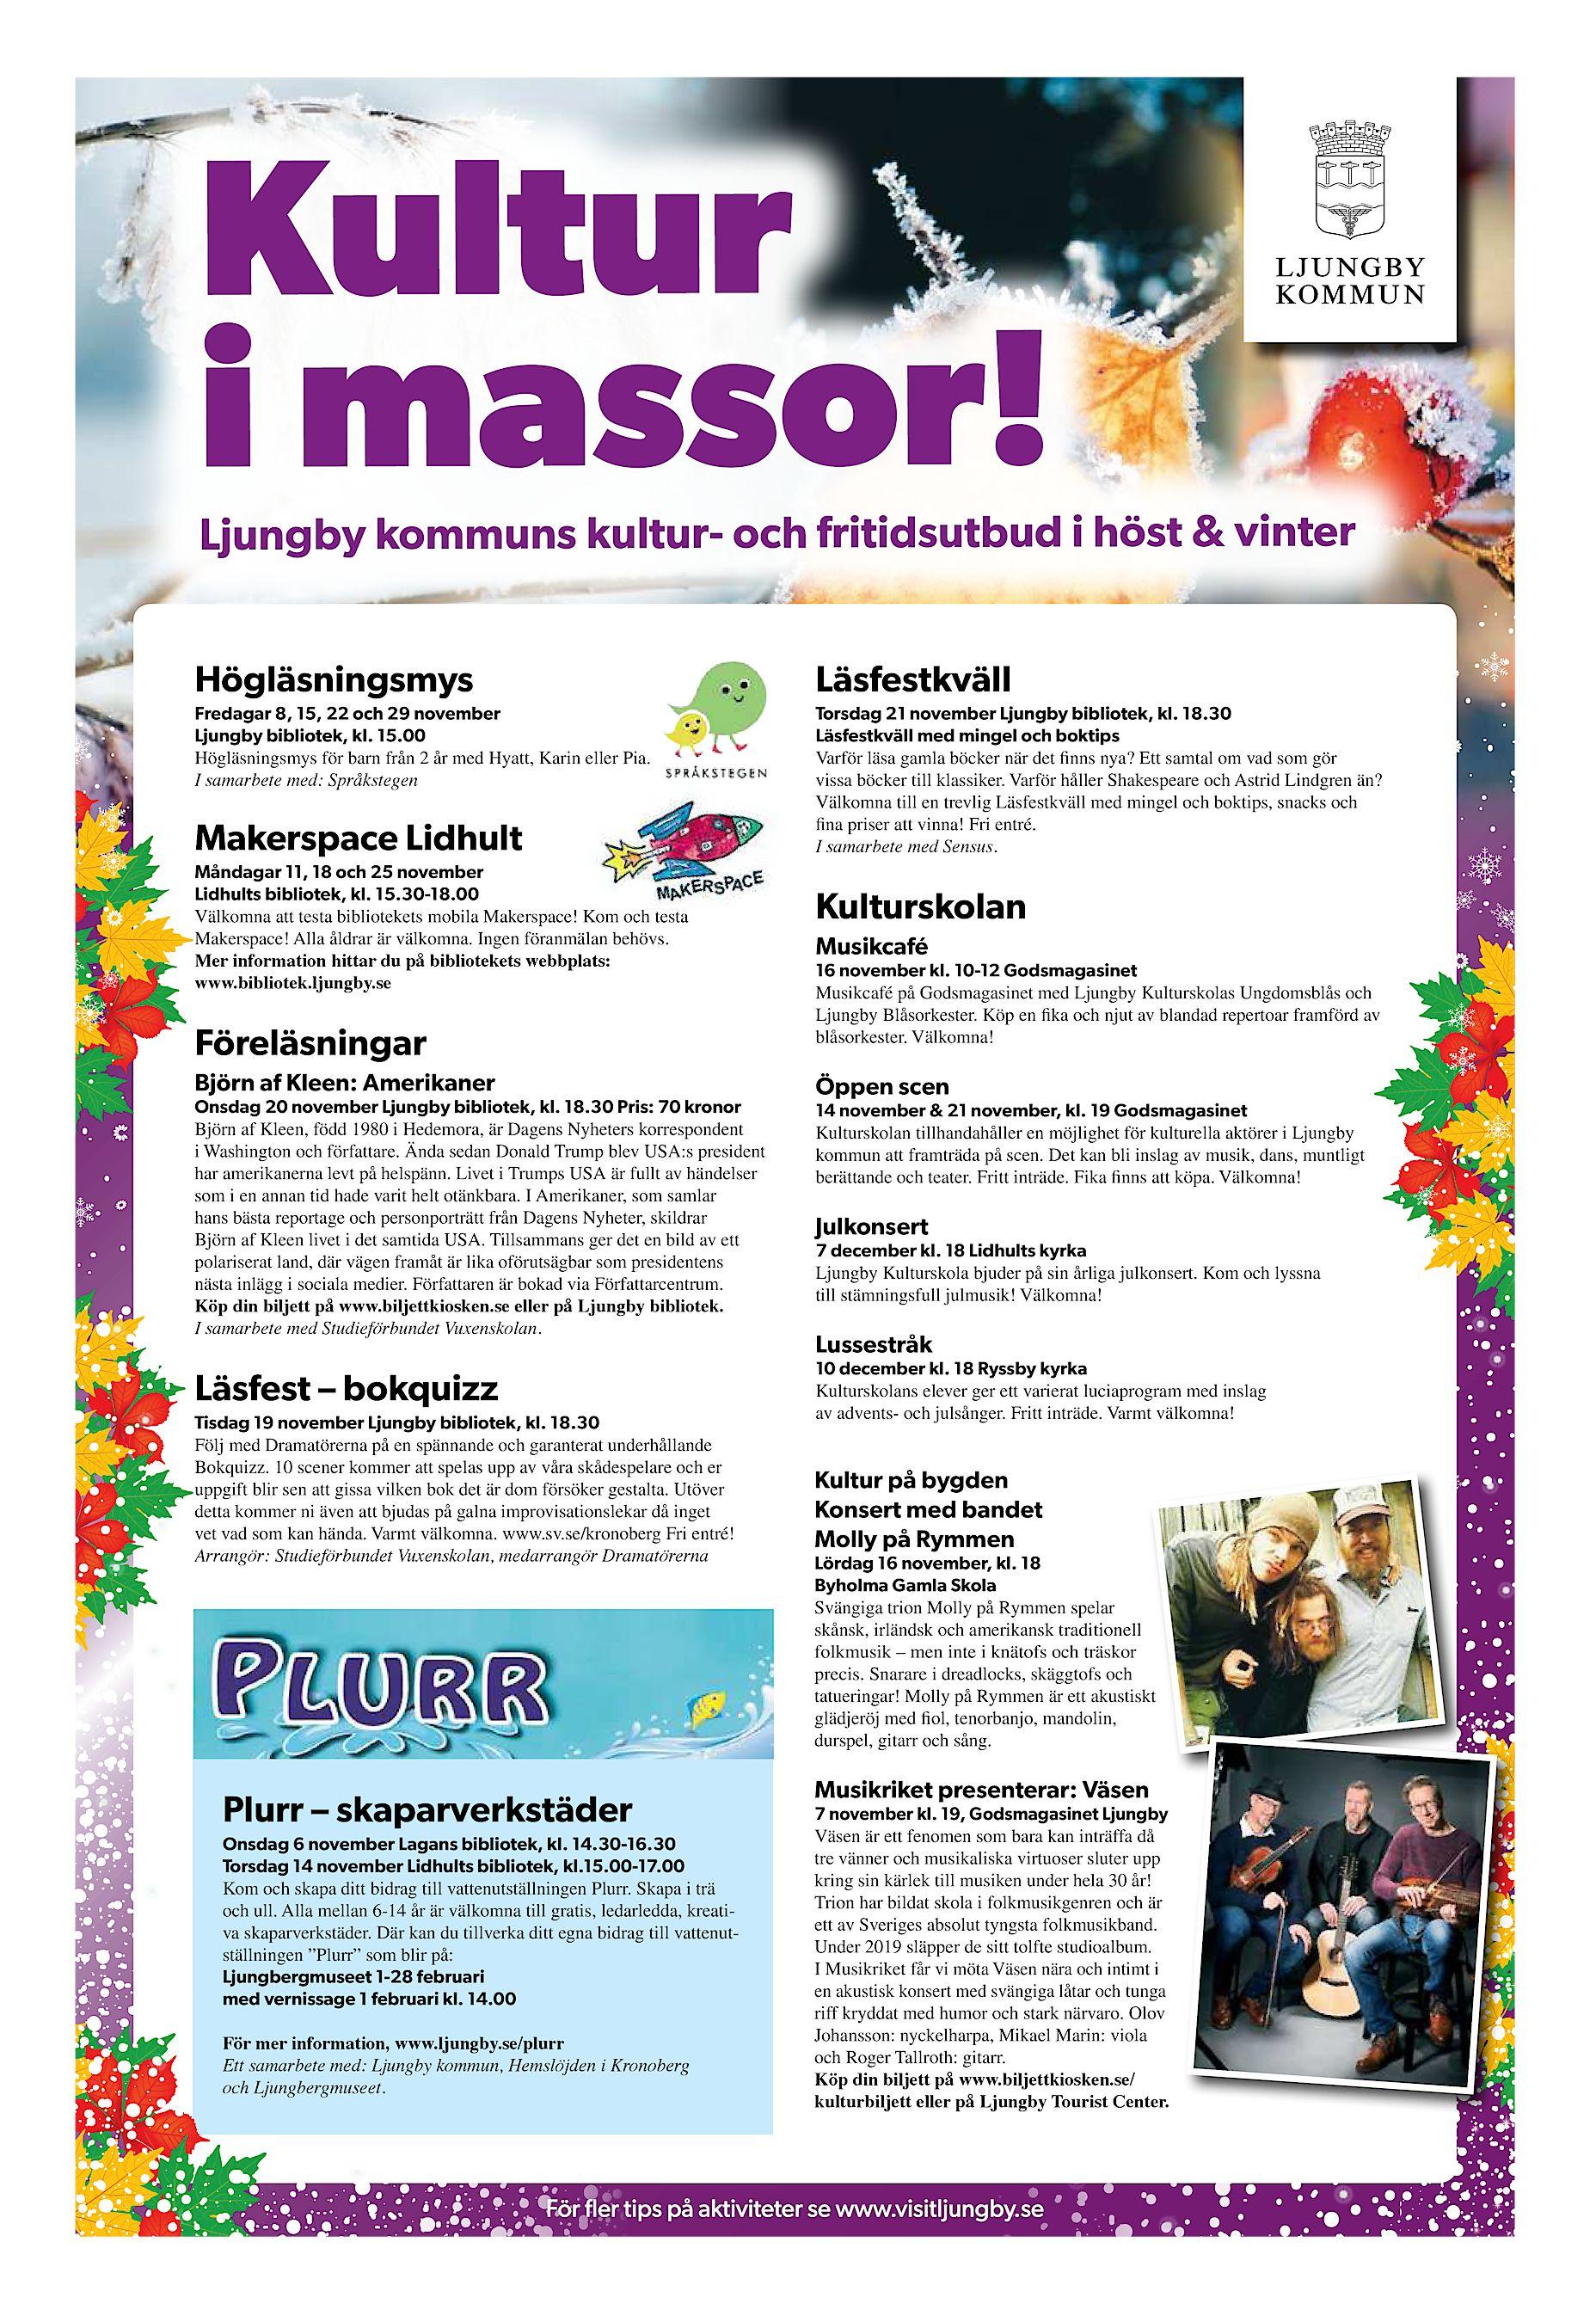 Konfirmation - Ljungby pastorat - Svenska kyrkan